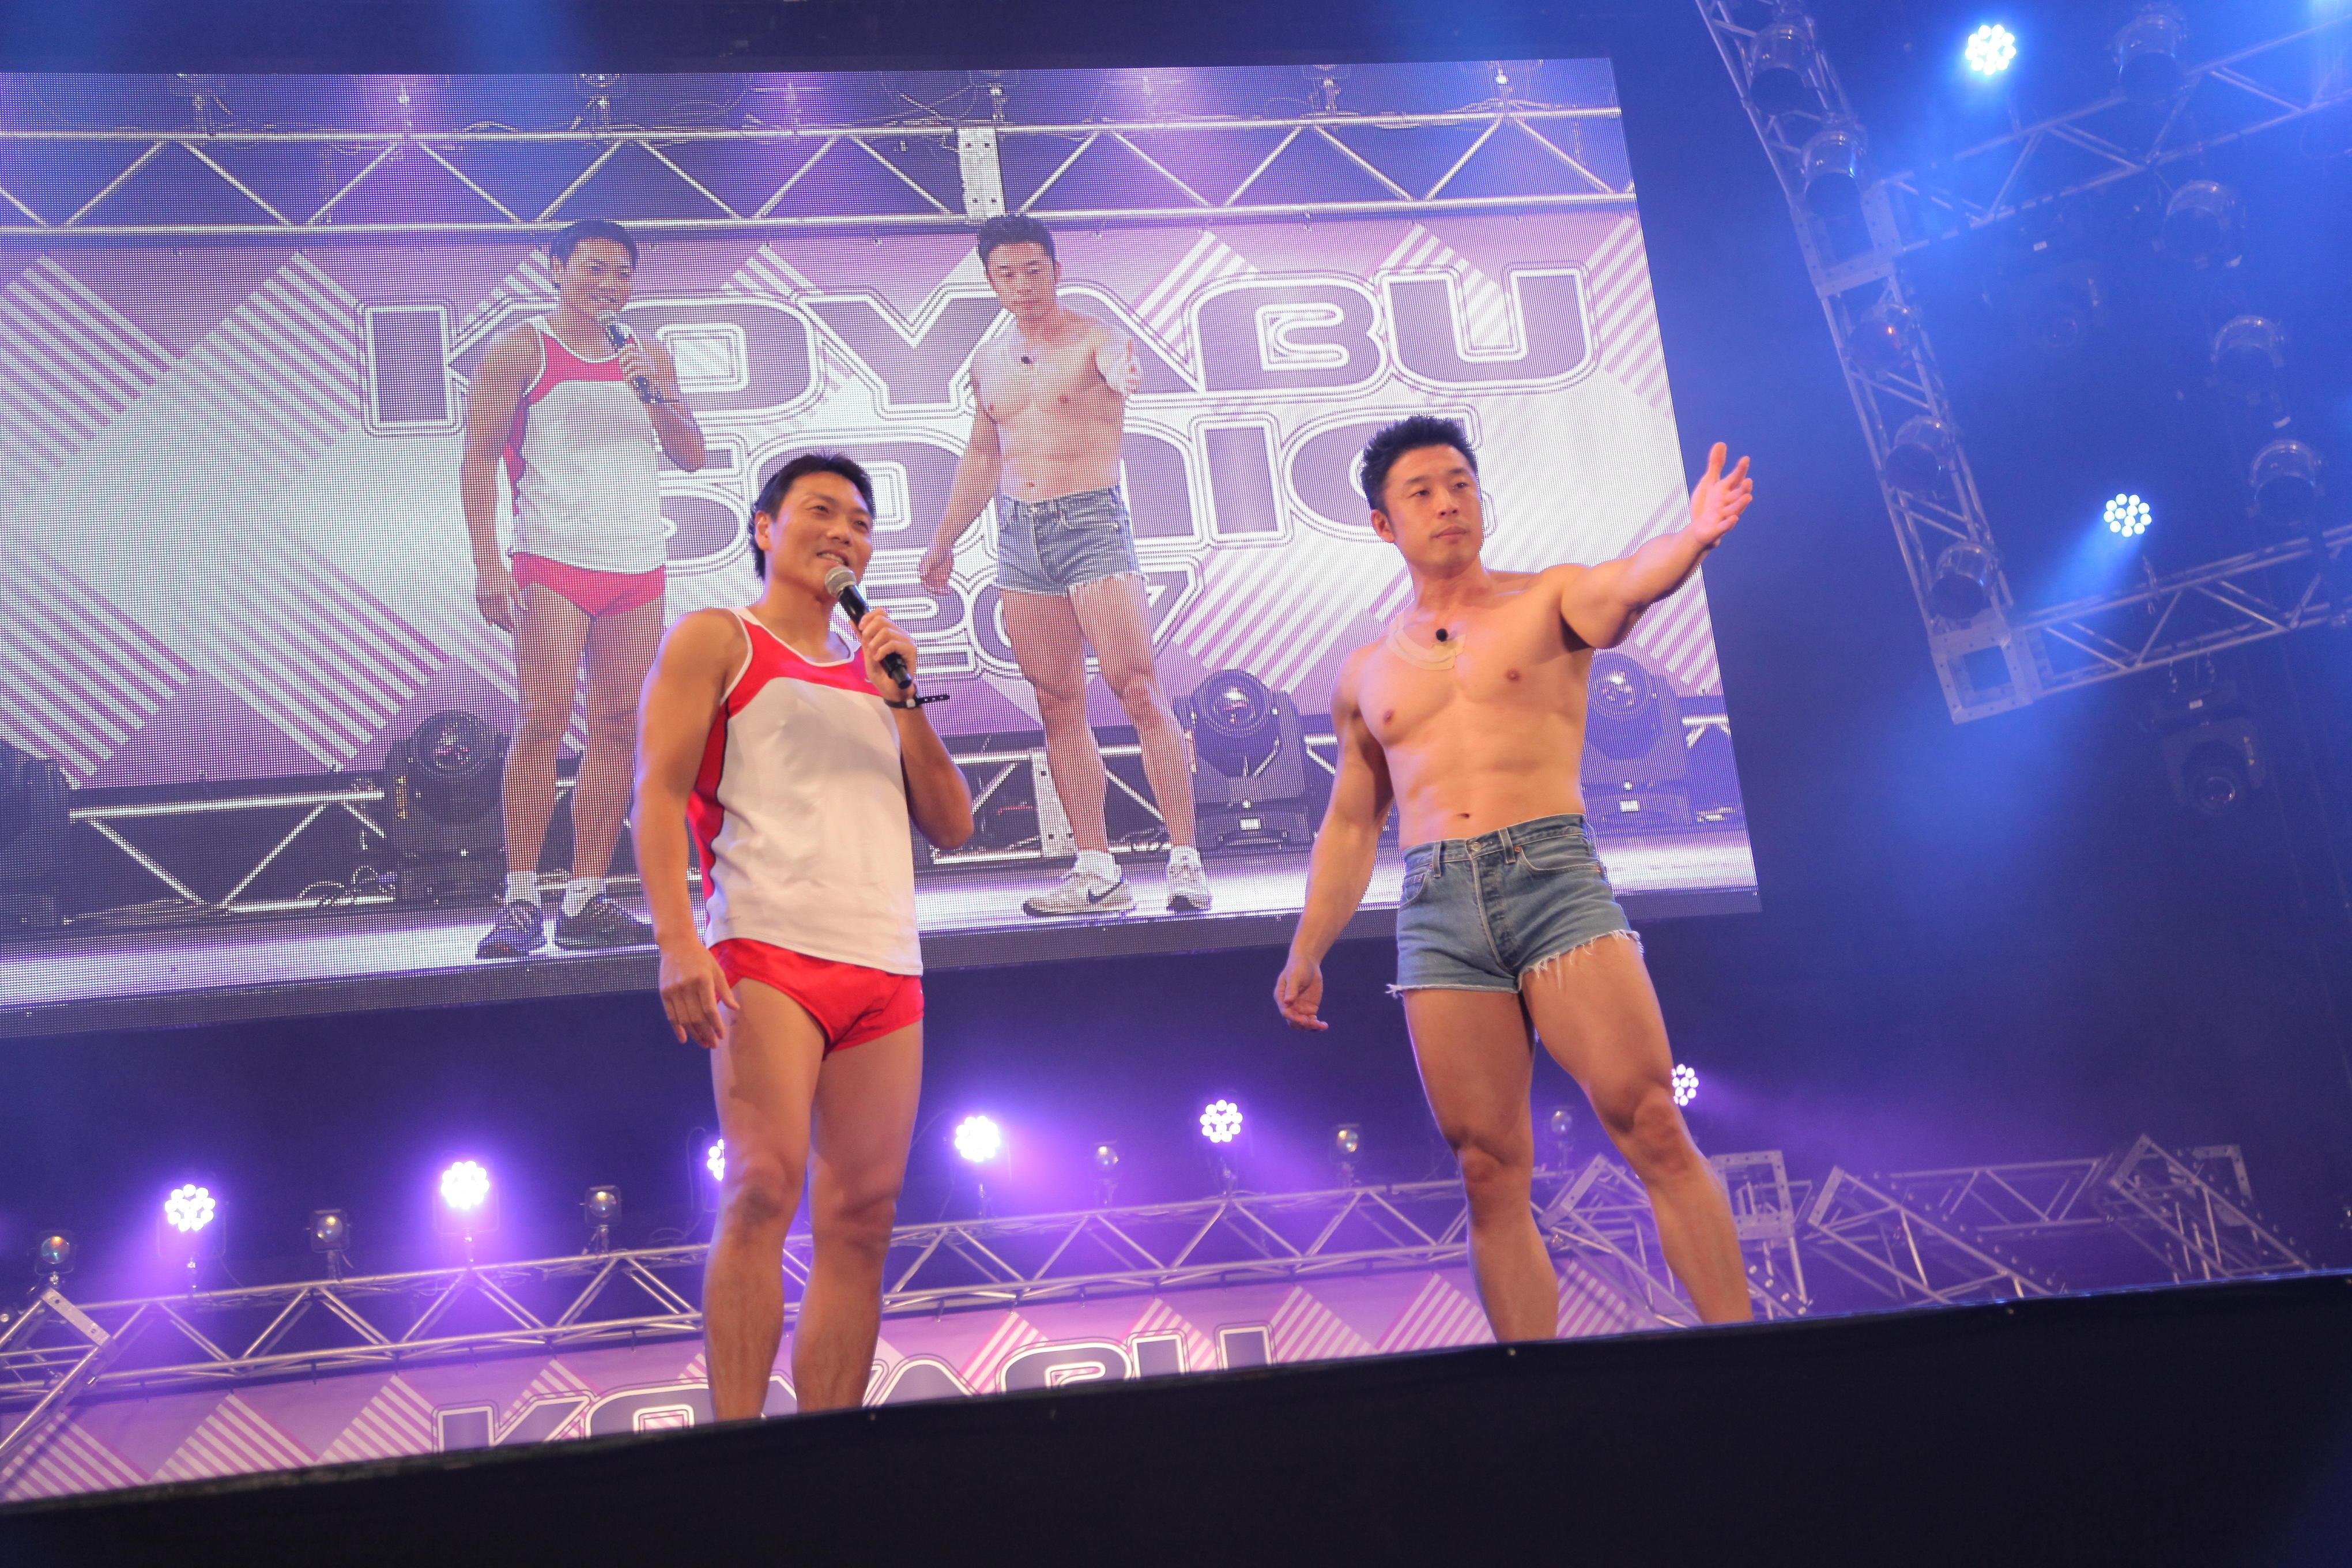 http://news.yoshimoto.co.jp/20171106132635-36cd5c96beea0023c7a2379a916ff86c6fe6f07d.jpg